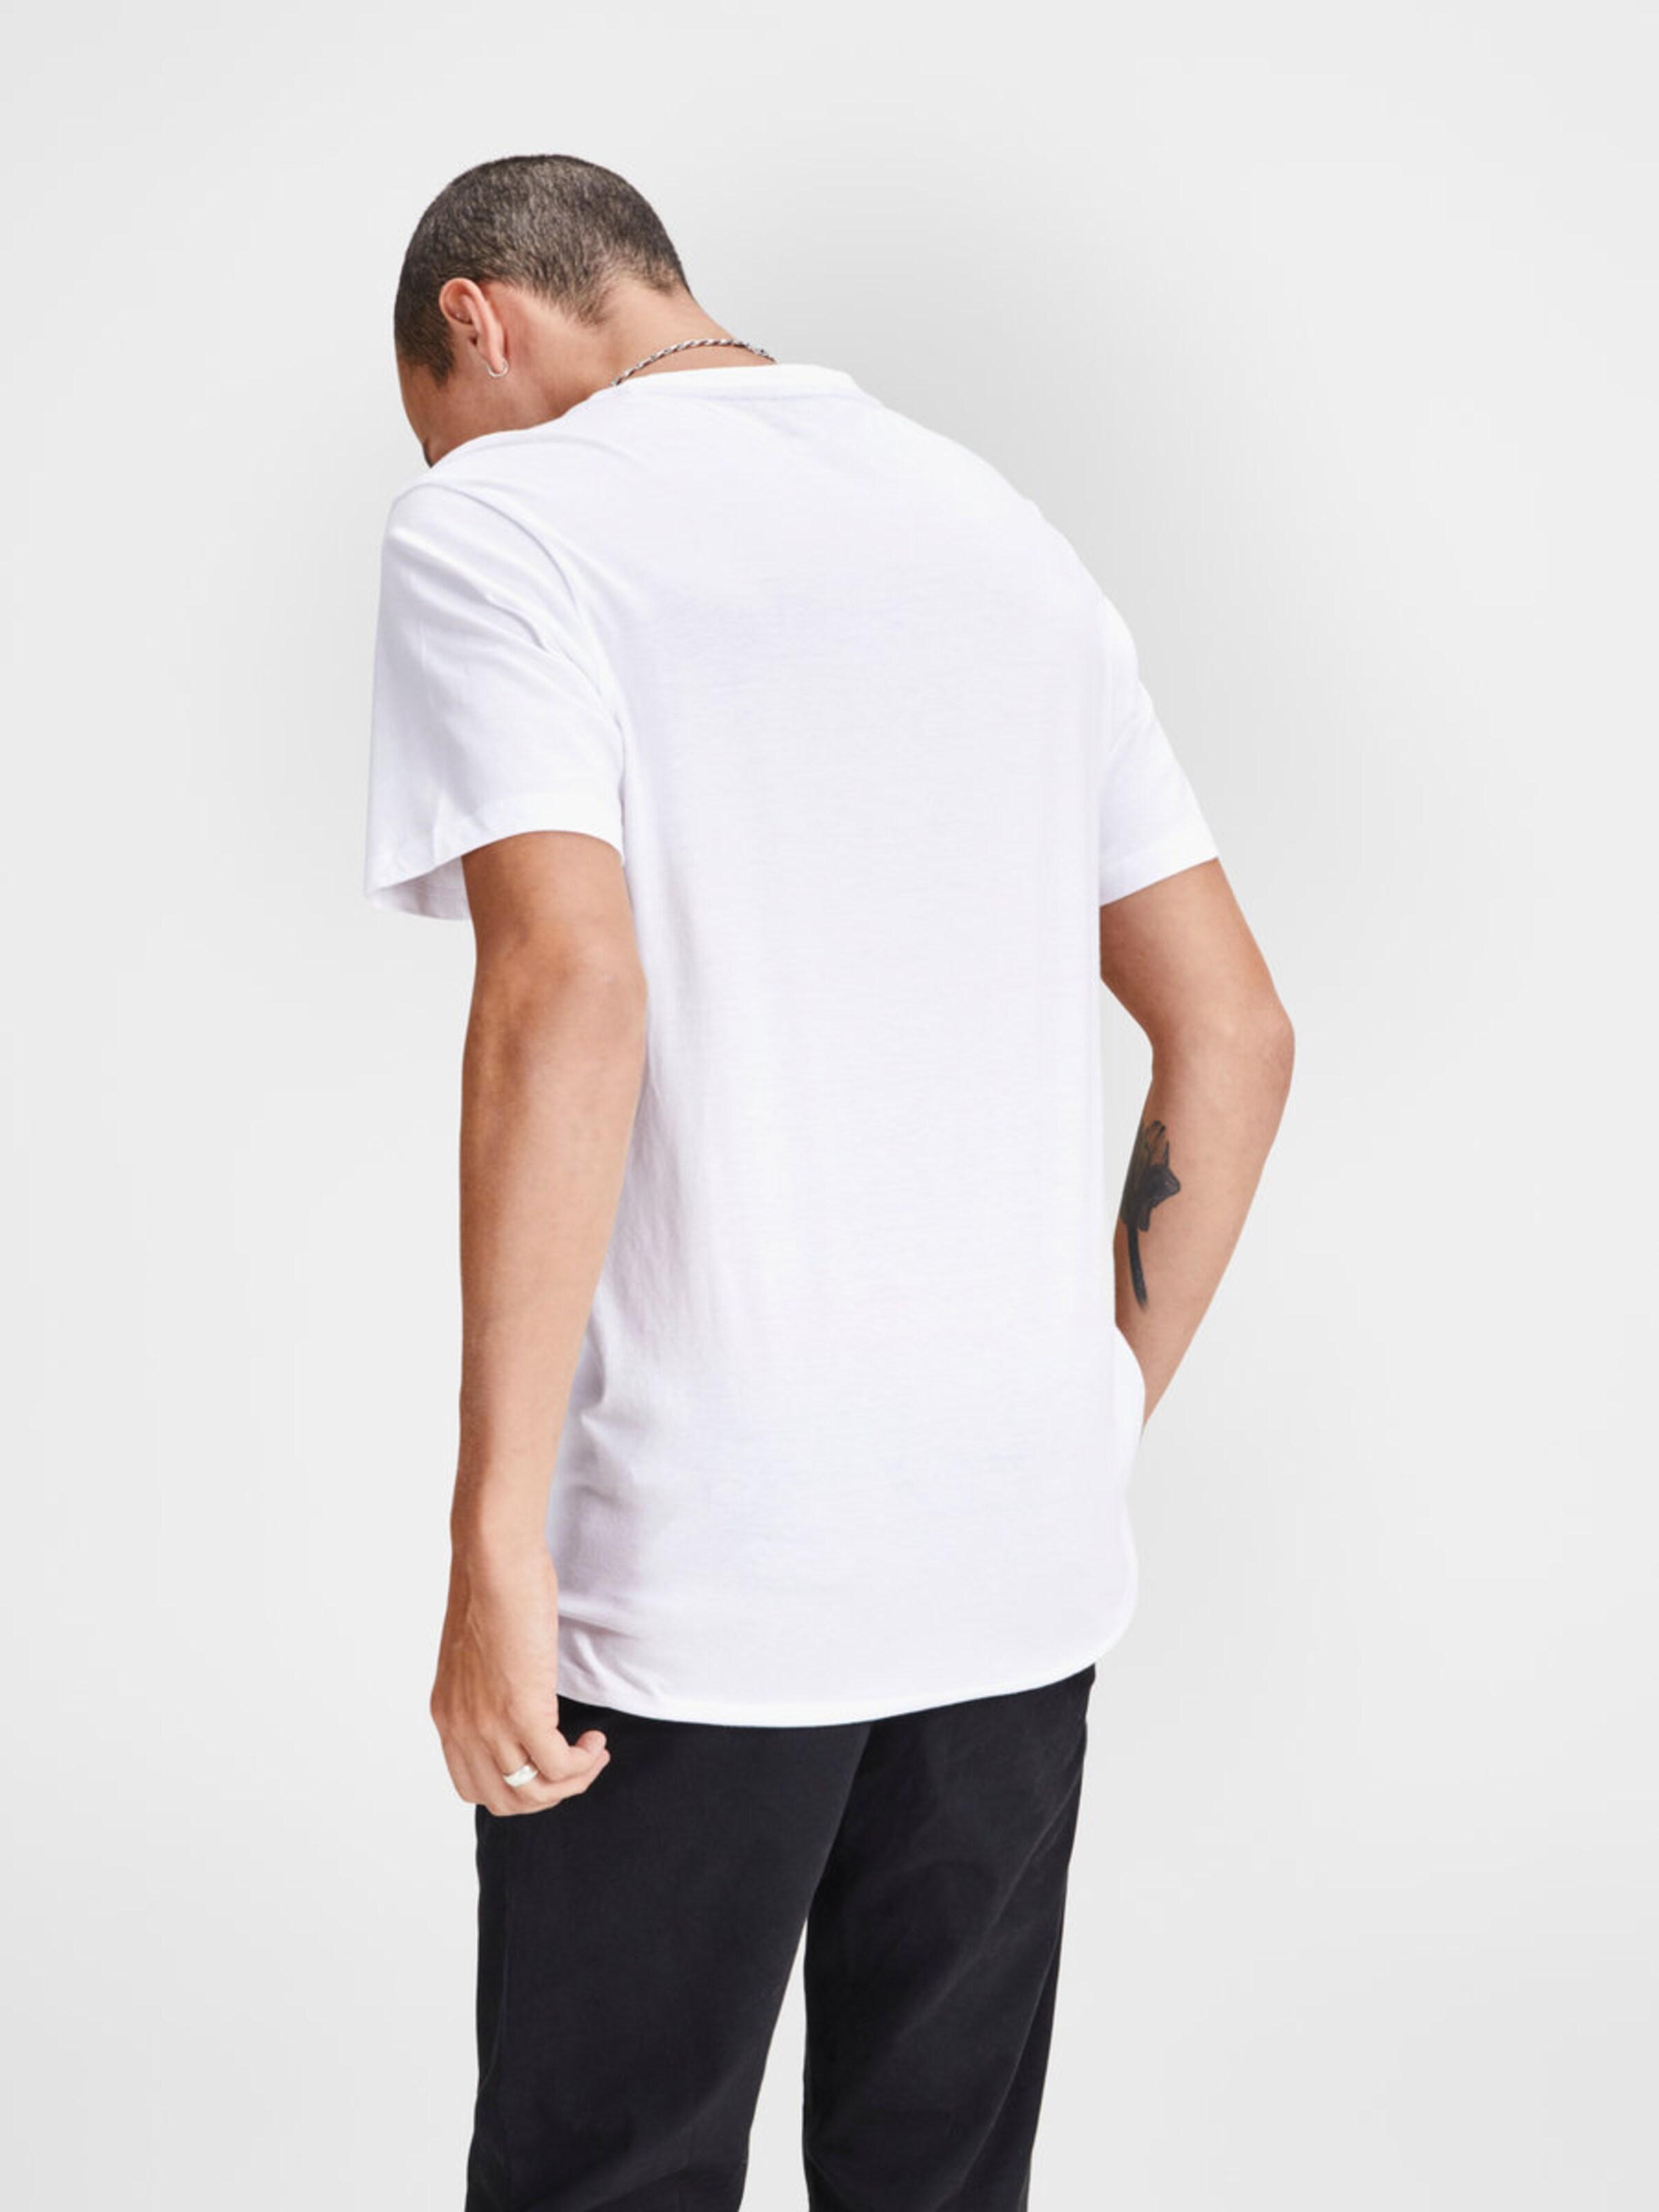 JACK & JONES Print T-Shirt 100% Zum Verkauf Garantiert Zum Verkauf Finish Günstigsten Online Rabatt Wirklich Frei Versandkosten Ka8VRuIhw9